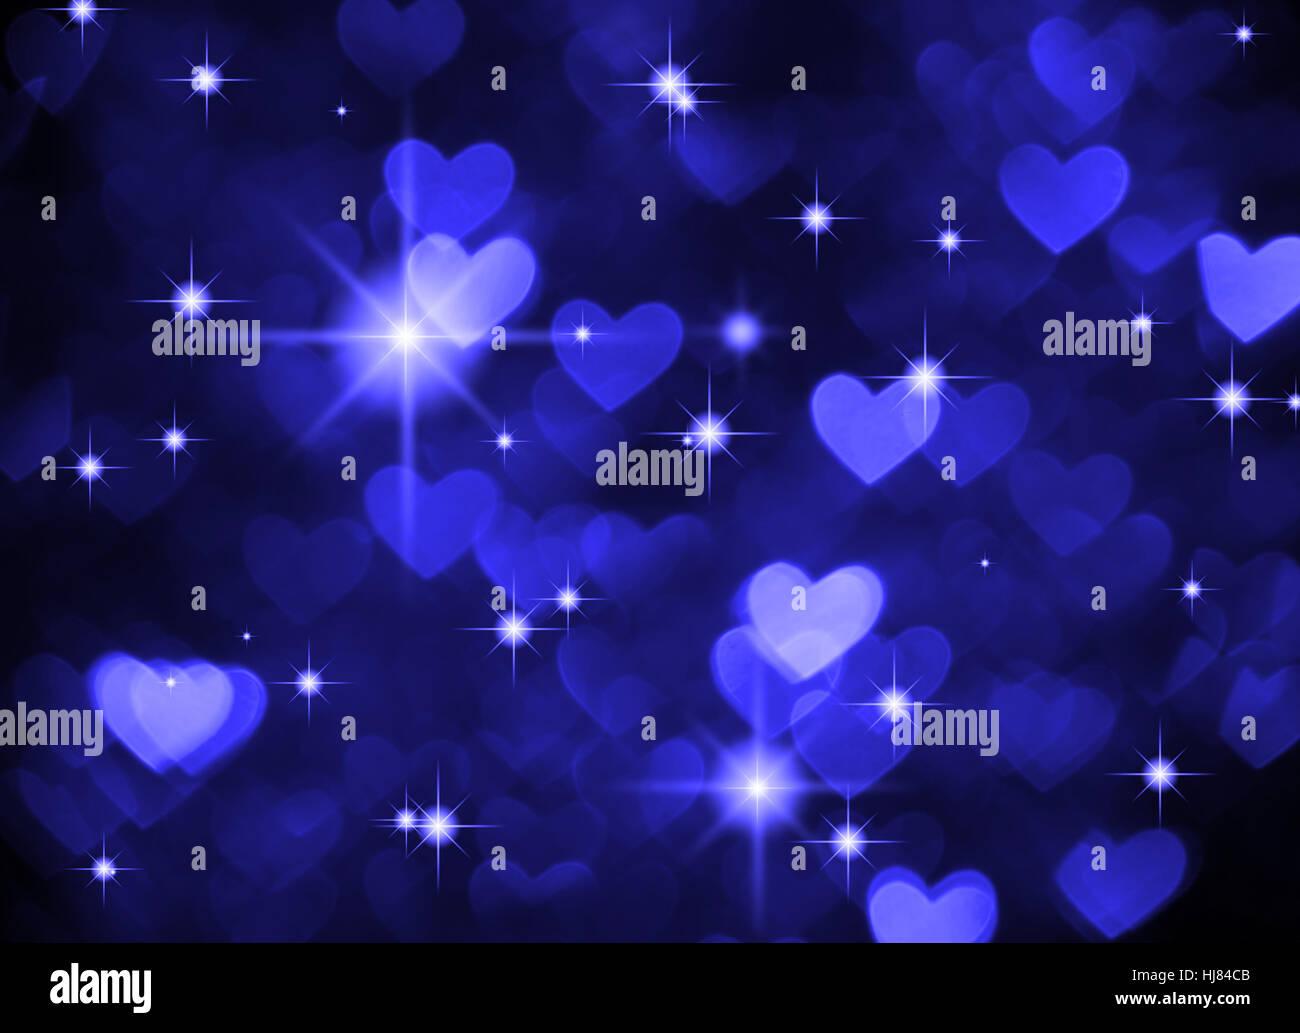 fond du c u0153ur boke photo  couleur bleu fonc u00e9  maison de vacances r u00e9sum u00e9  c u00e9l u00e9bration et valentine